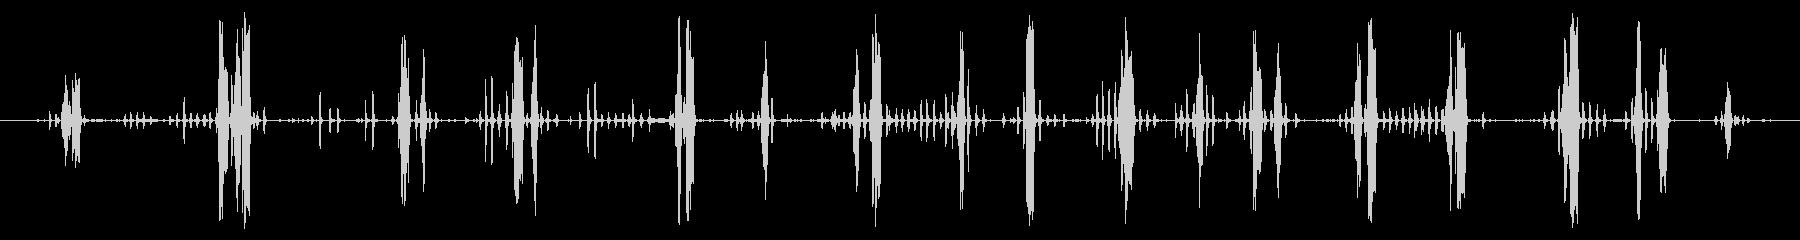 オンドリ:絶え間ない呼び出しの未再生の波形